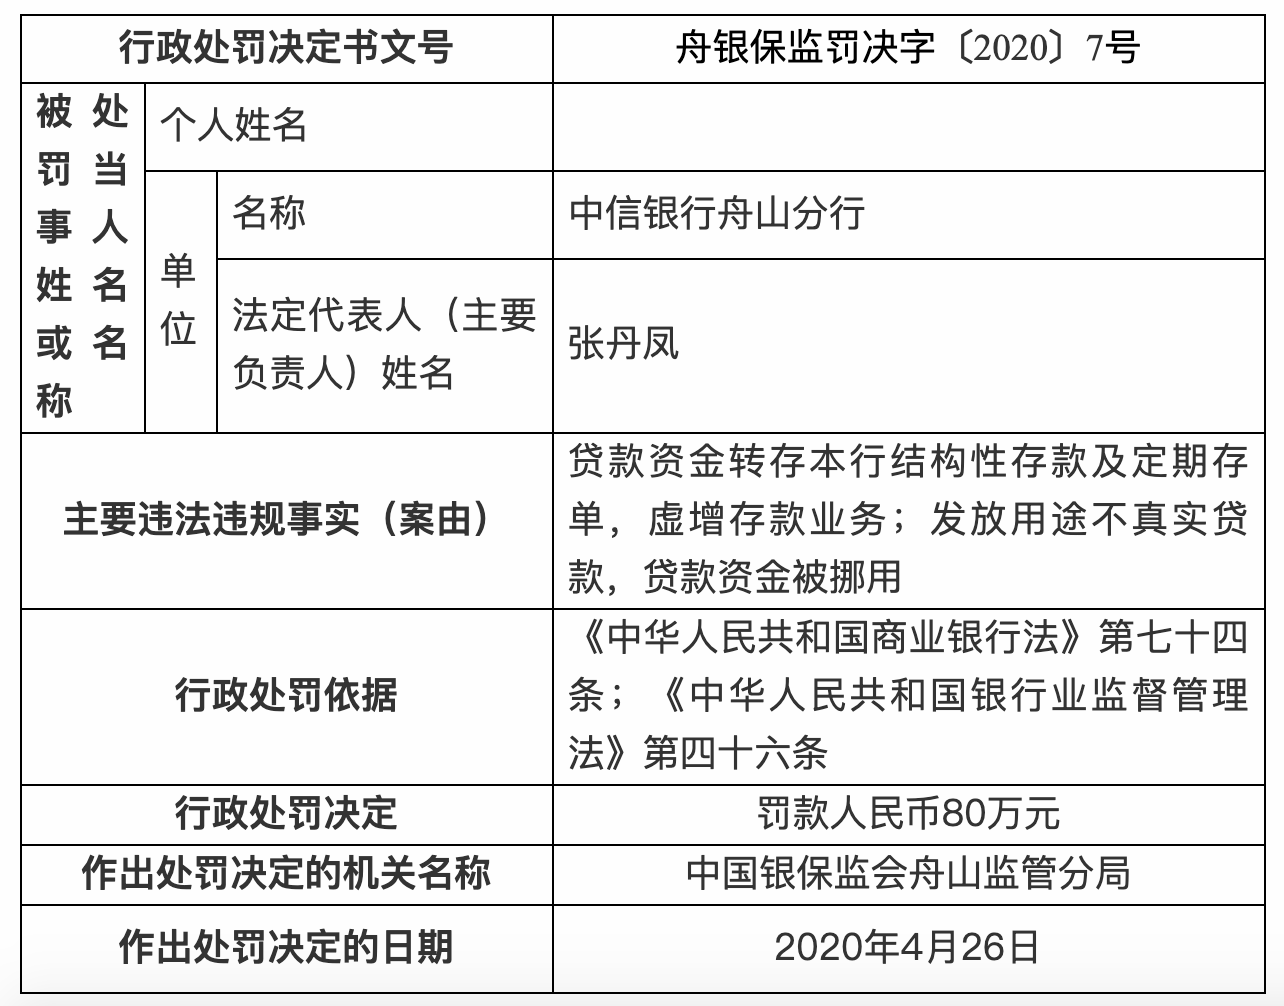 今年首个结构性存款罚单产生!中信银行虚增存款、挪用贷款资金被罚80万